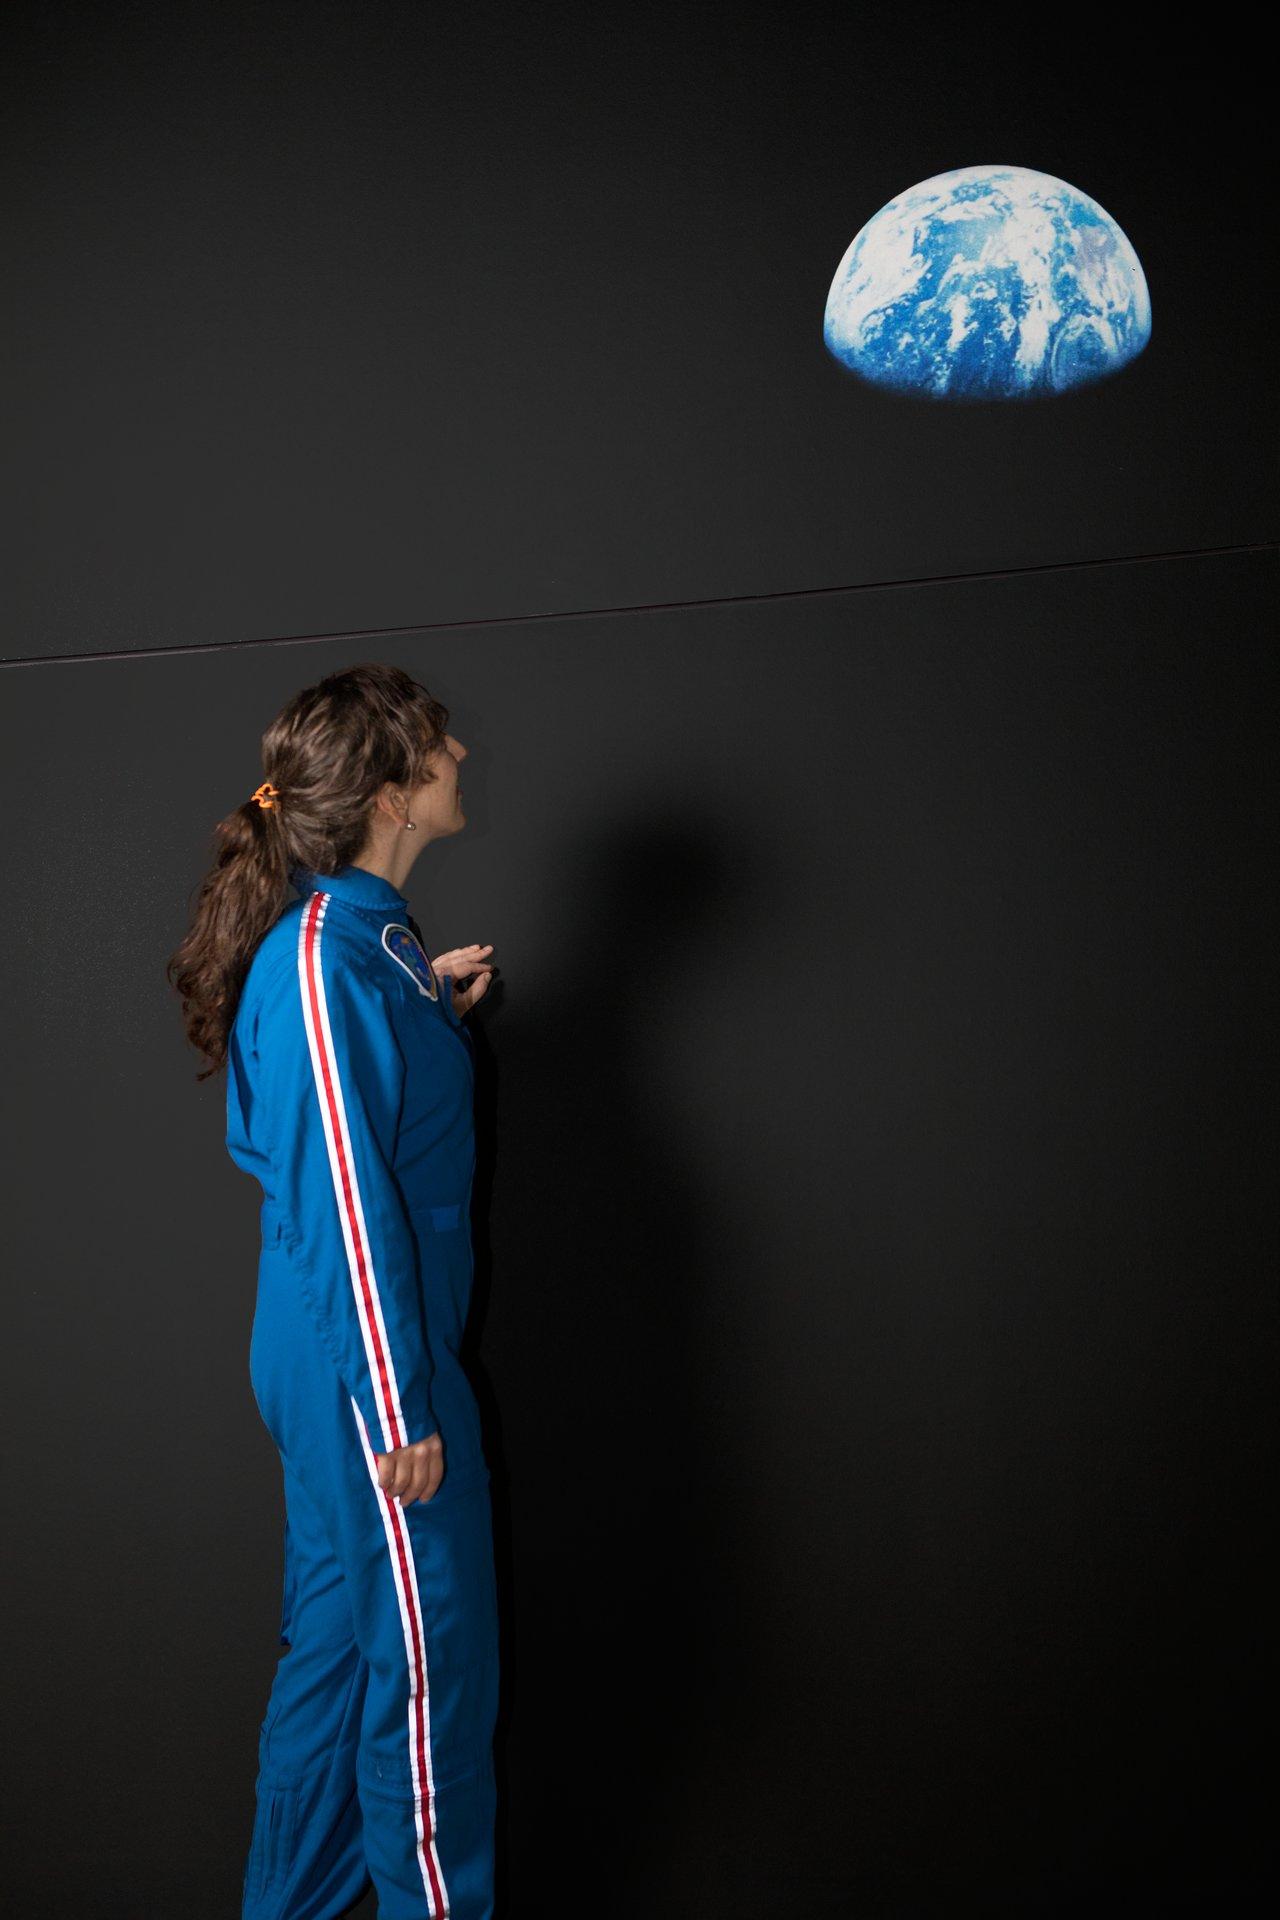 astronaut is tilbud